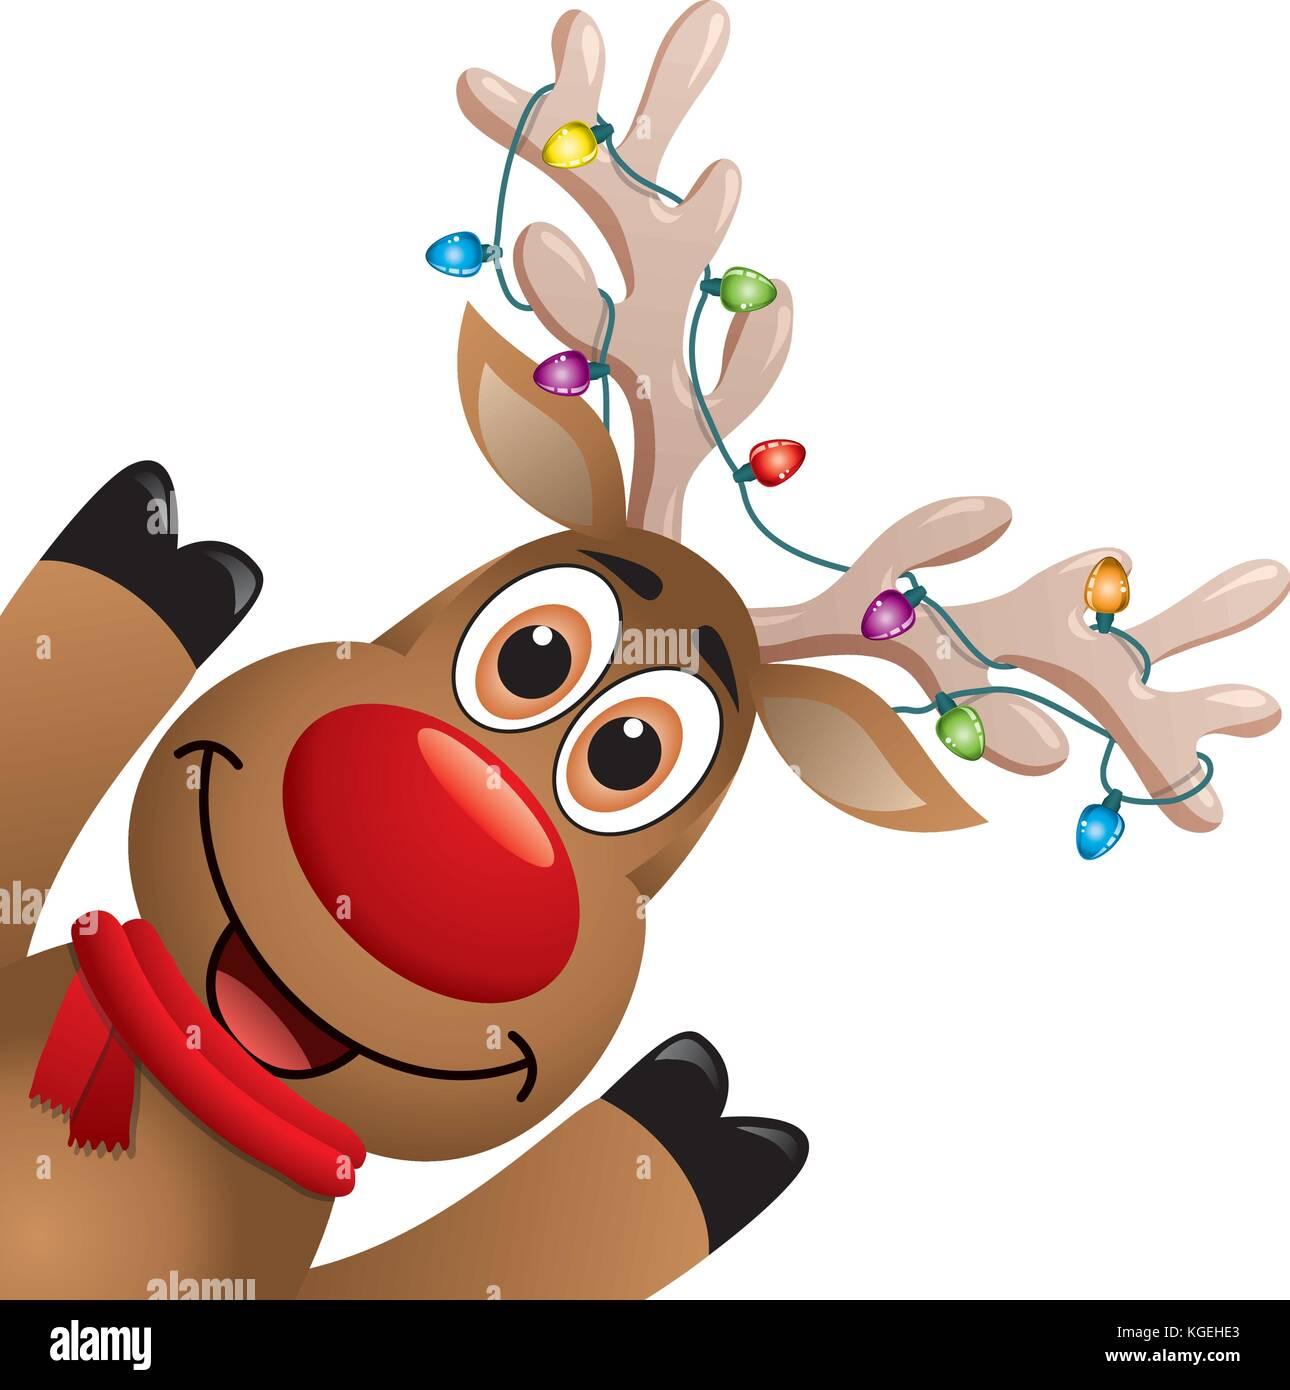 Image De Noel Drole.Noel Drole De Dessin Vectoriel Red Nosed Reindeer Carte De